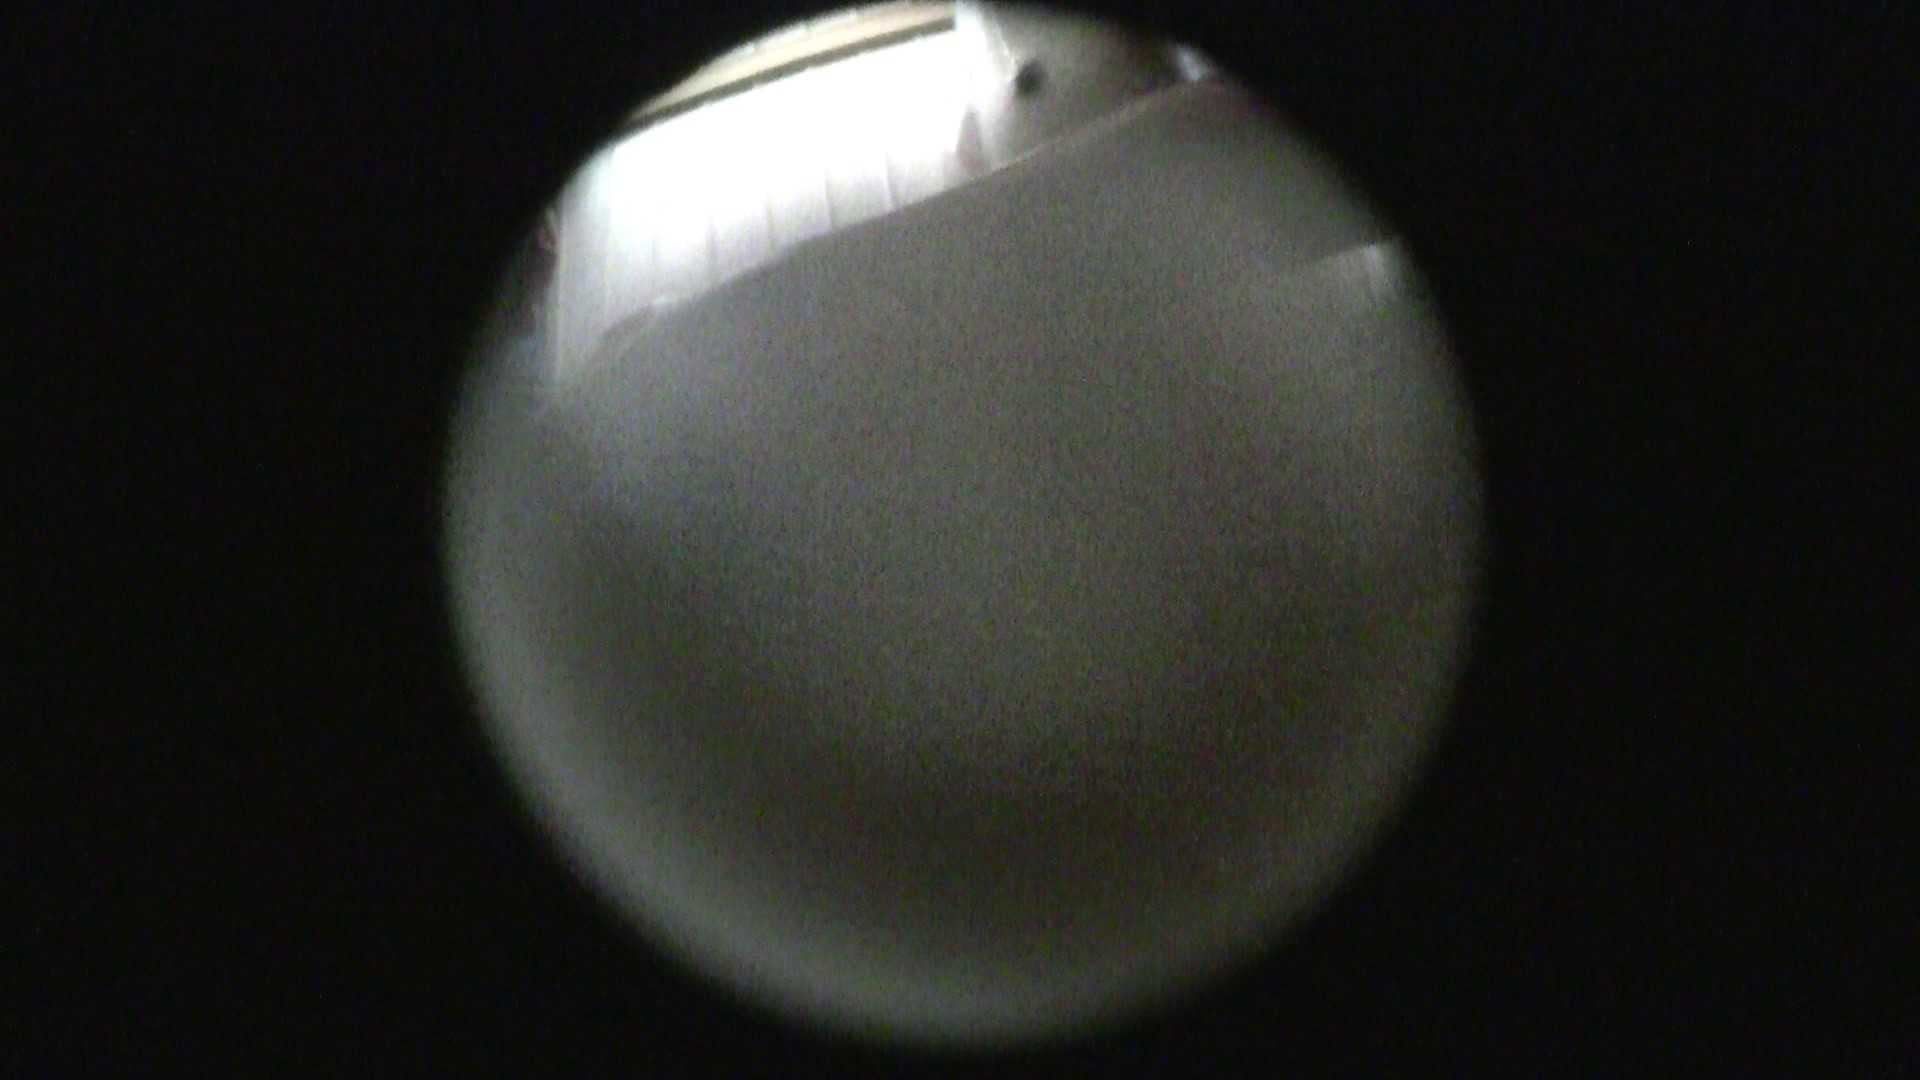 NO.20 少し暗いですが良いからだ! シャワー | シャワー室  88PIX 31